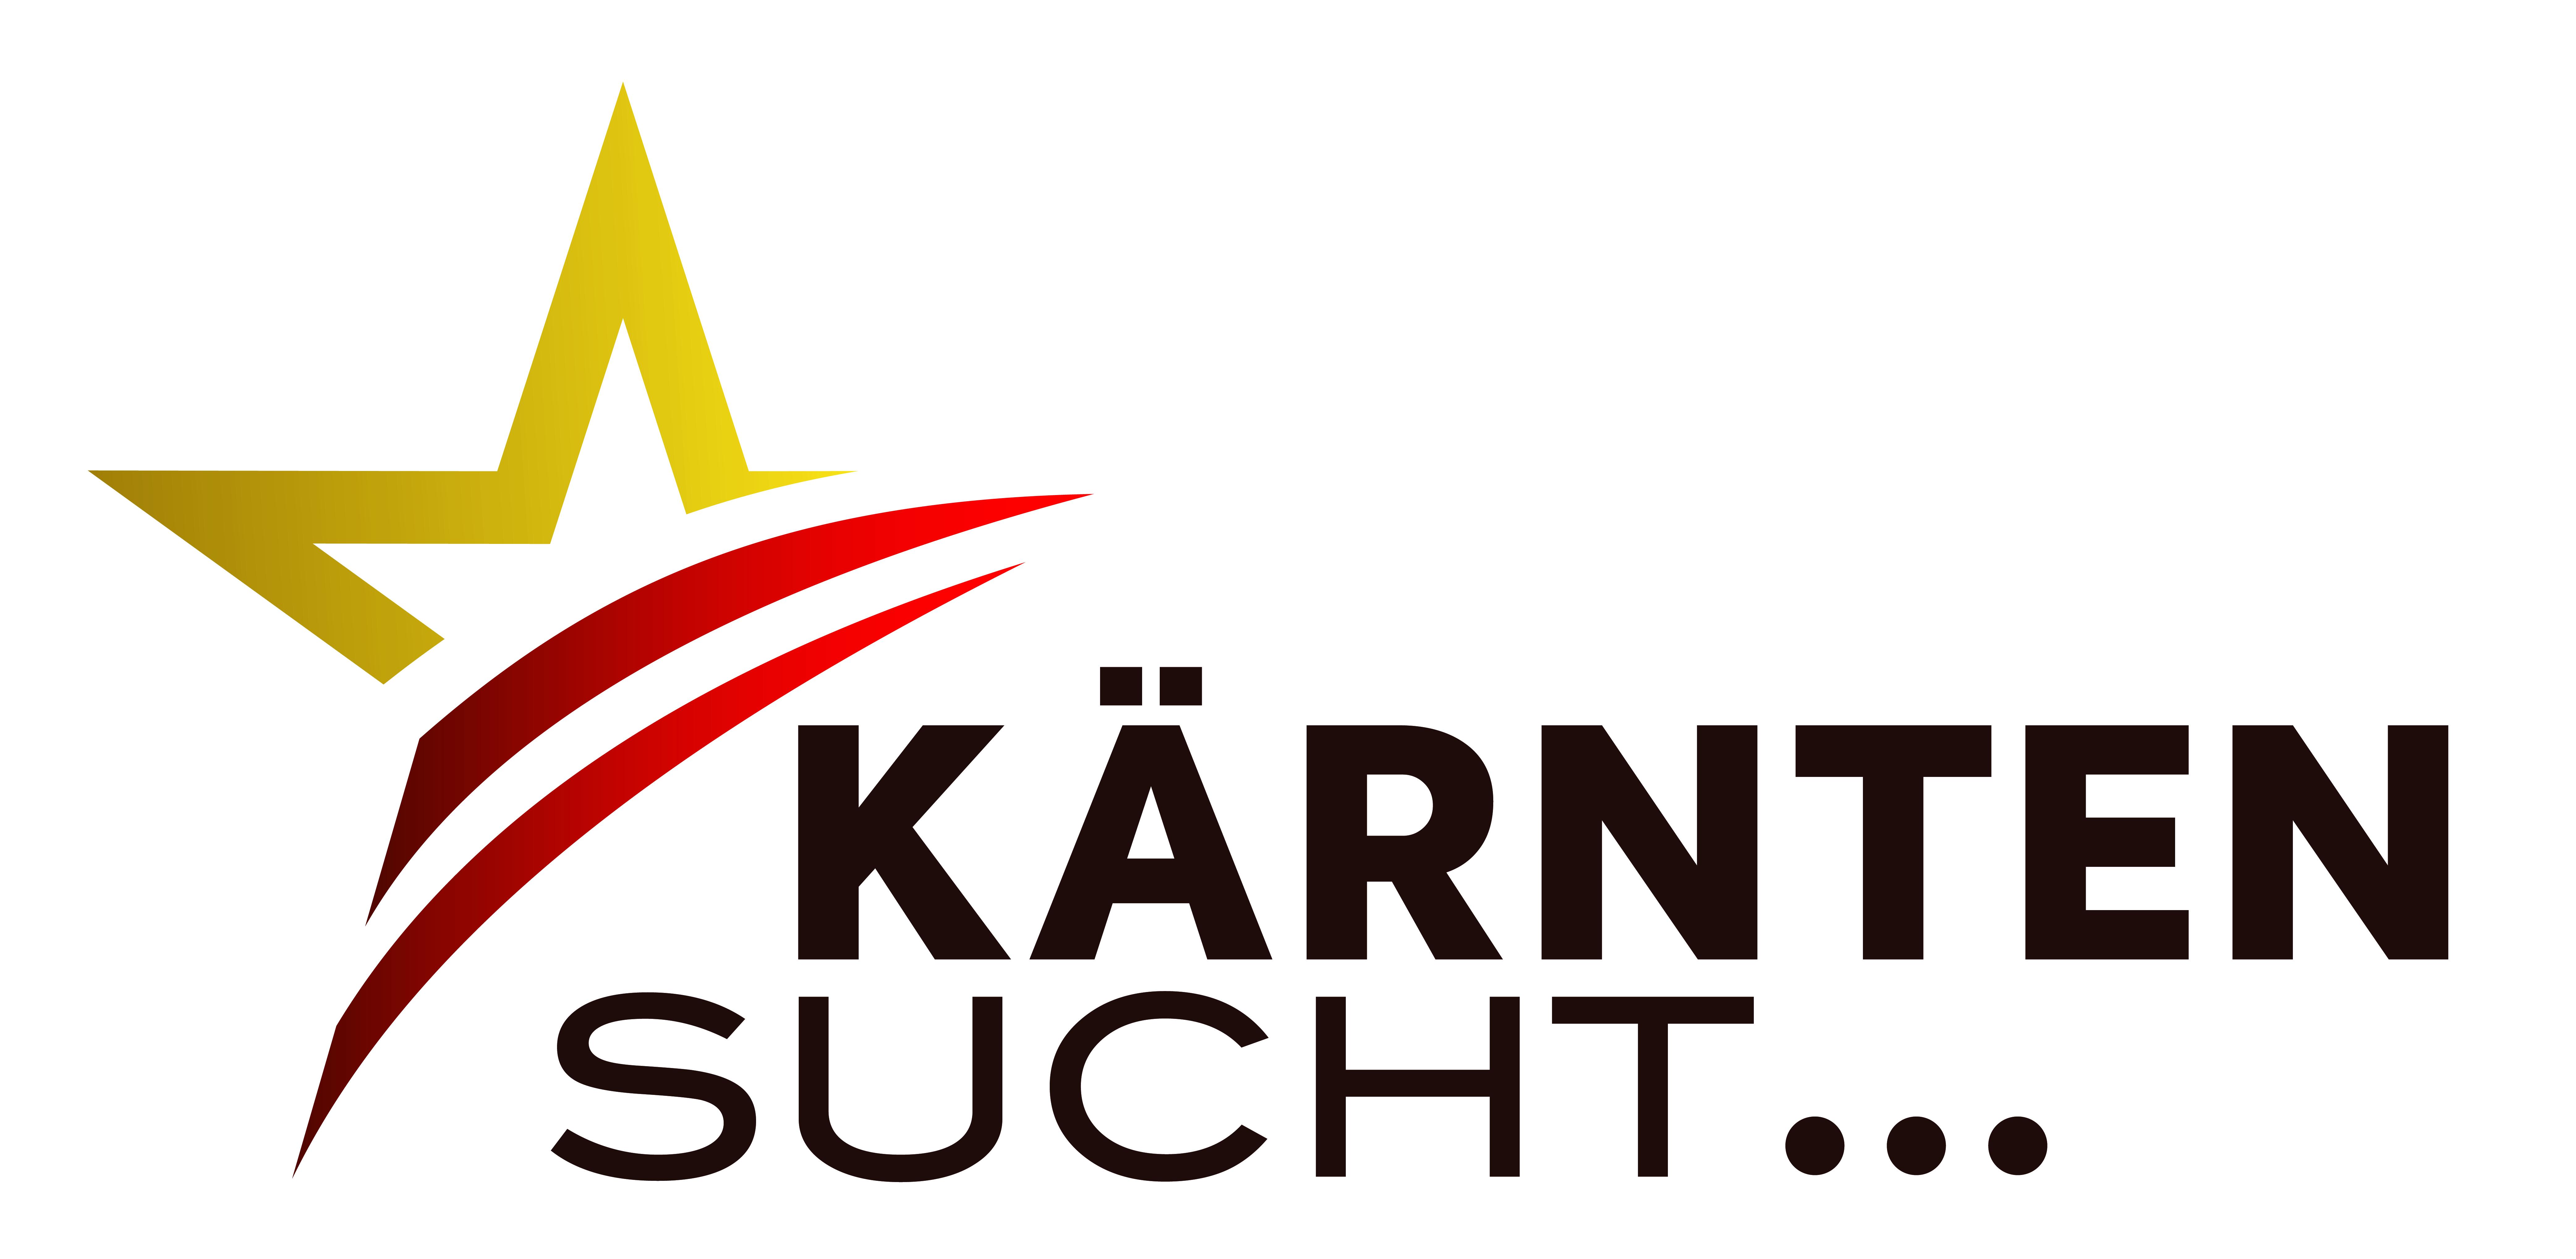 kaernten-sucht-logo-typo-dunkel.jpg